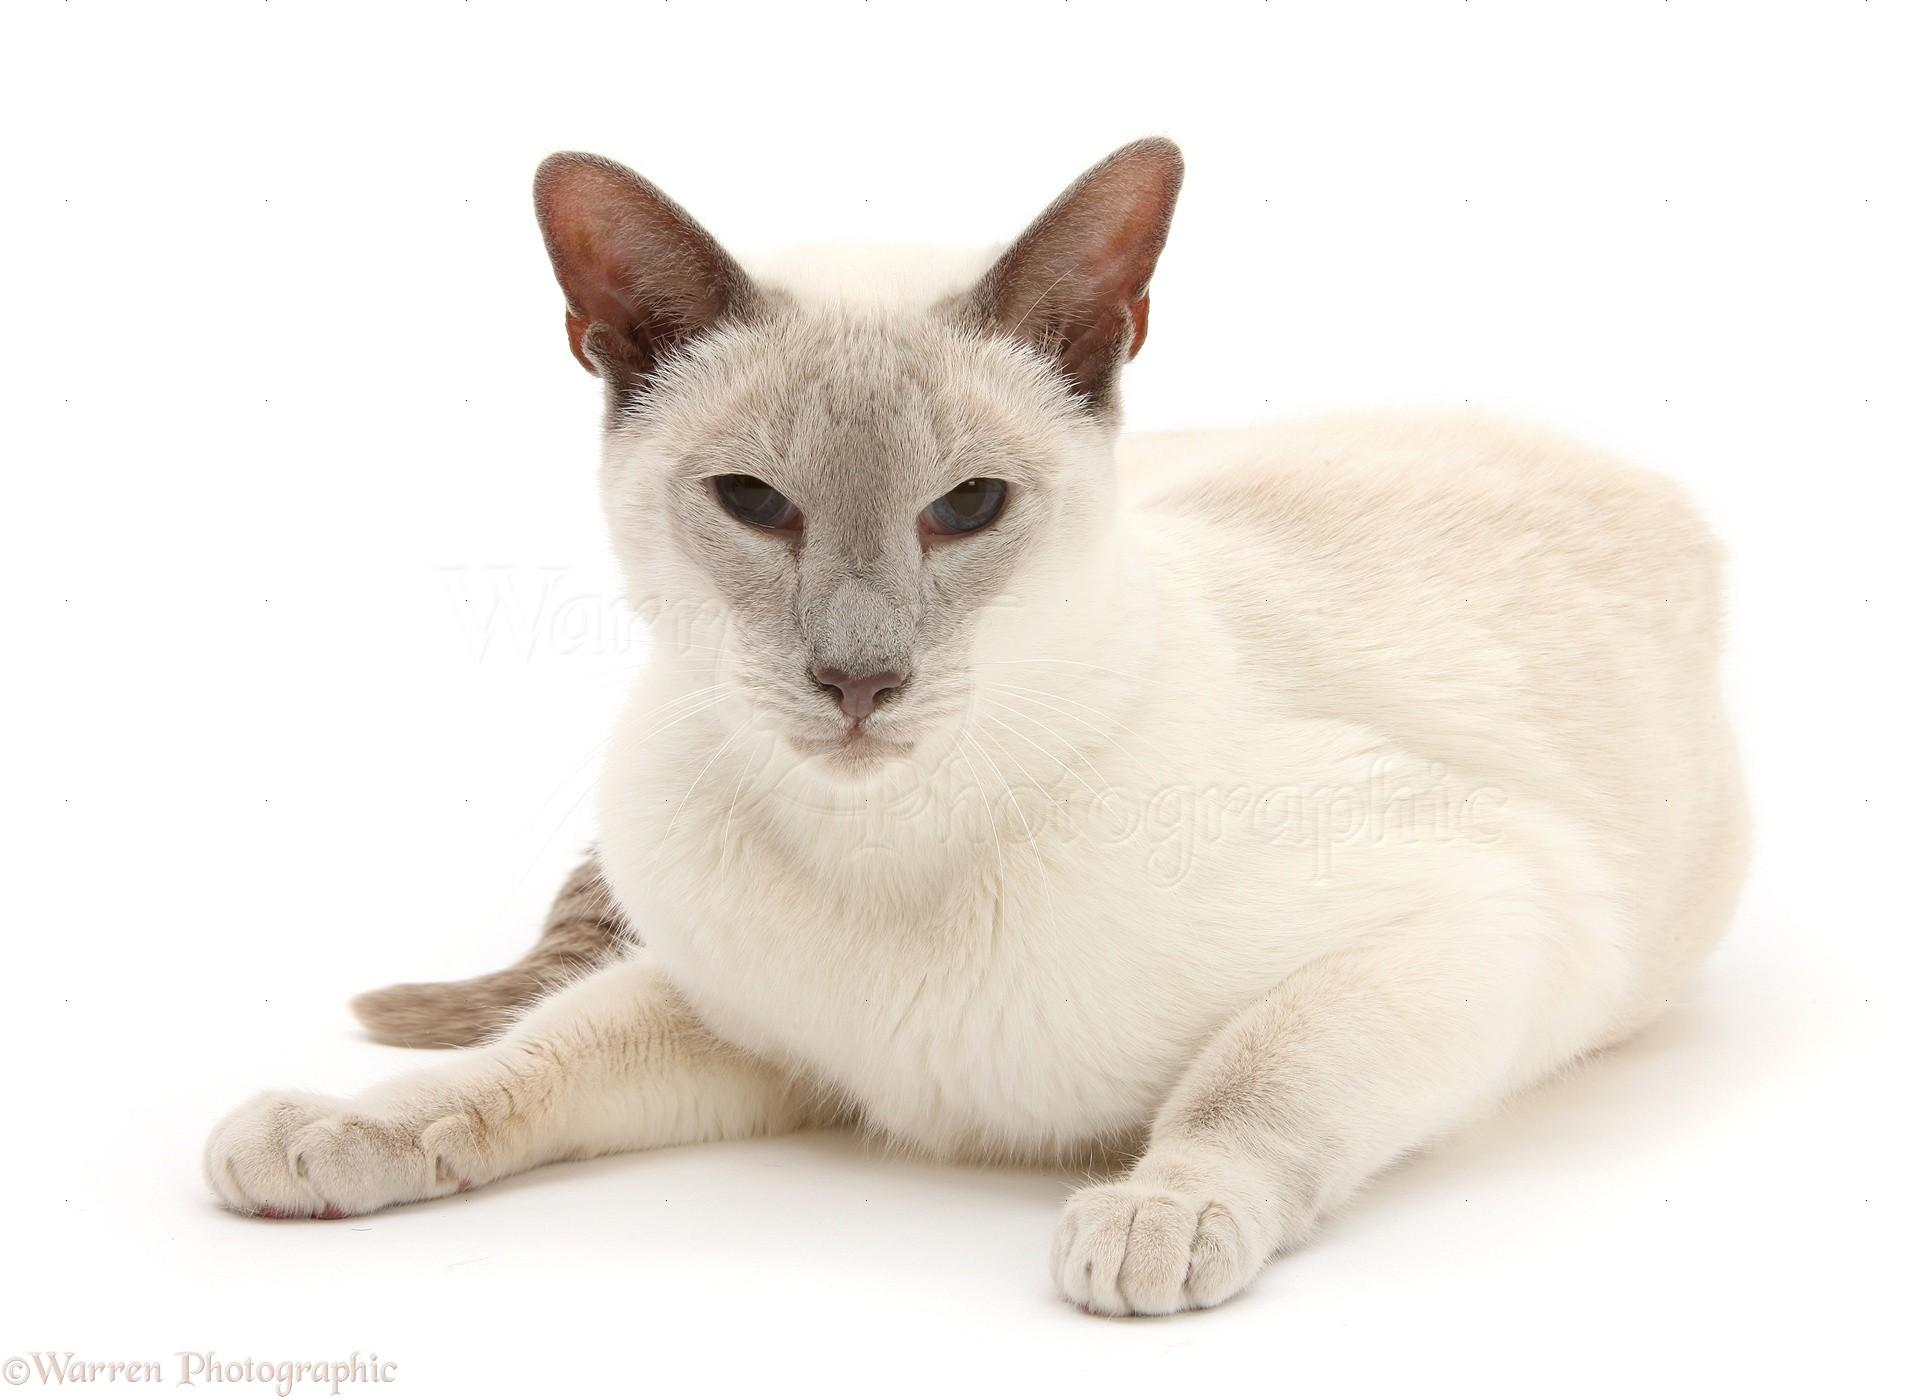 little-siamese-cat live-fußball williamhill sehen wie mein williamhill bonus zu nutzen - Cats Wallpaper william hill bet in play